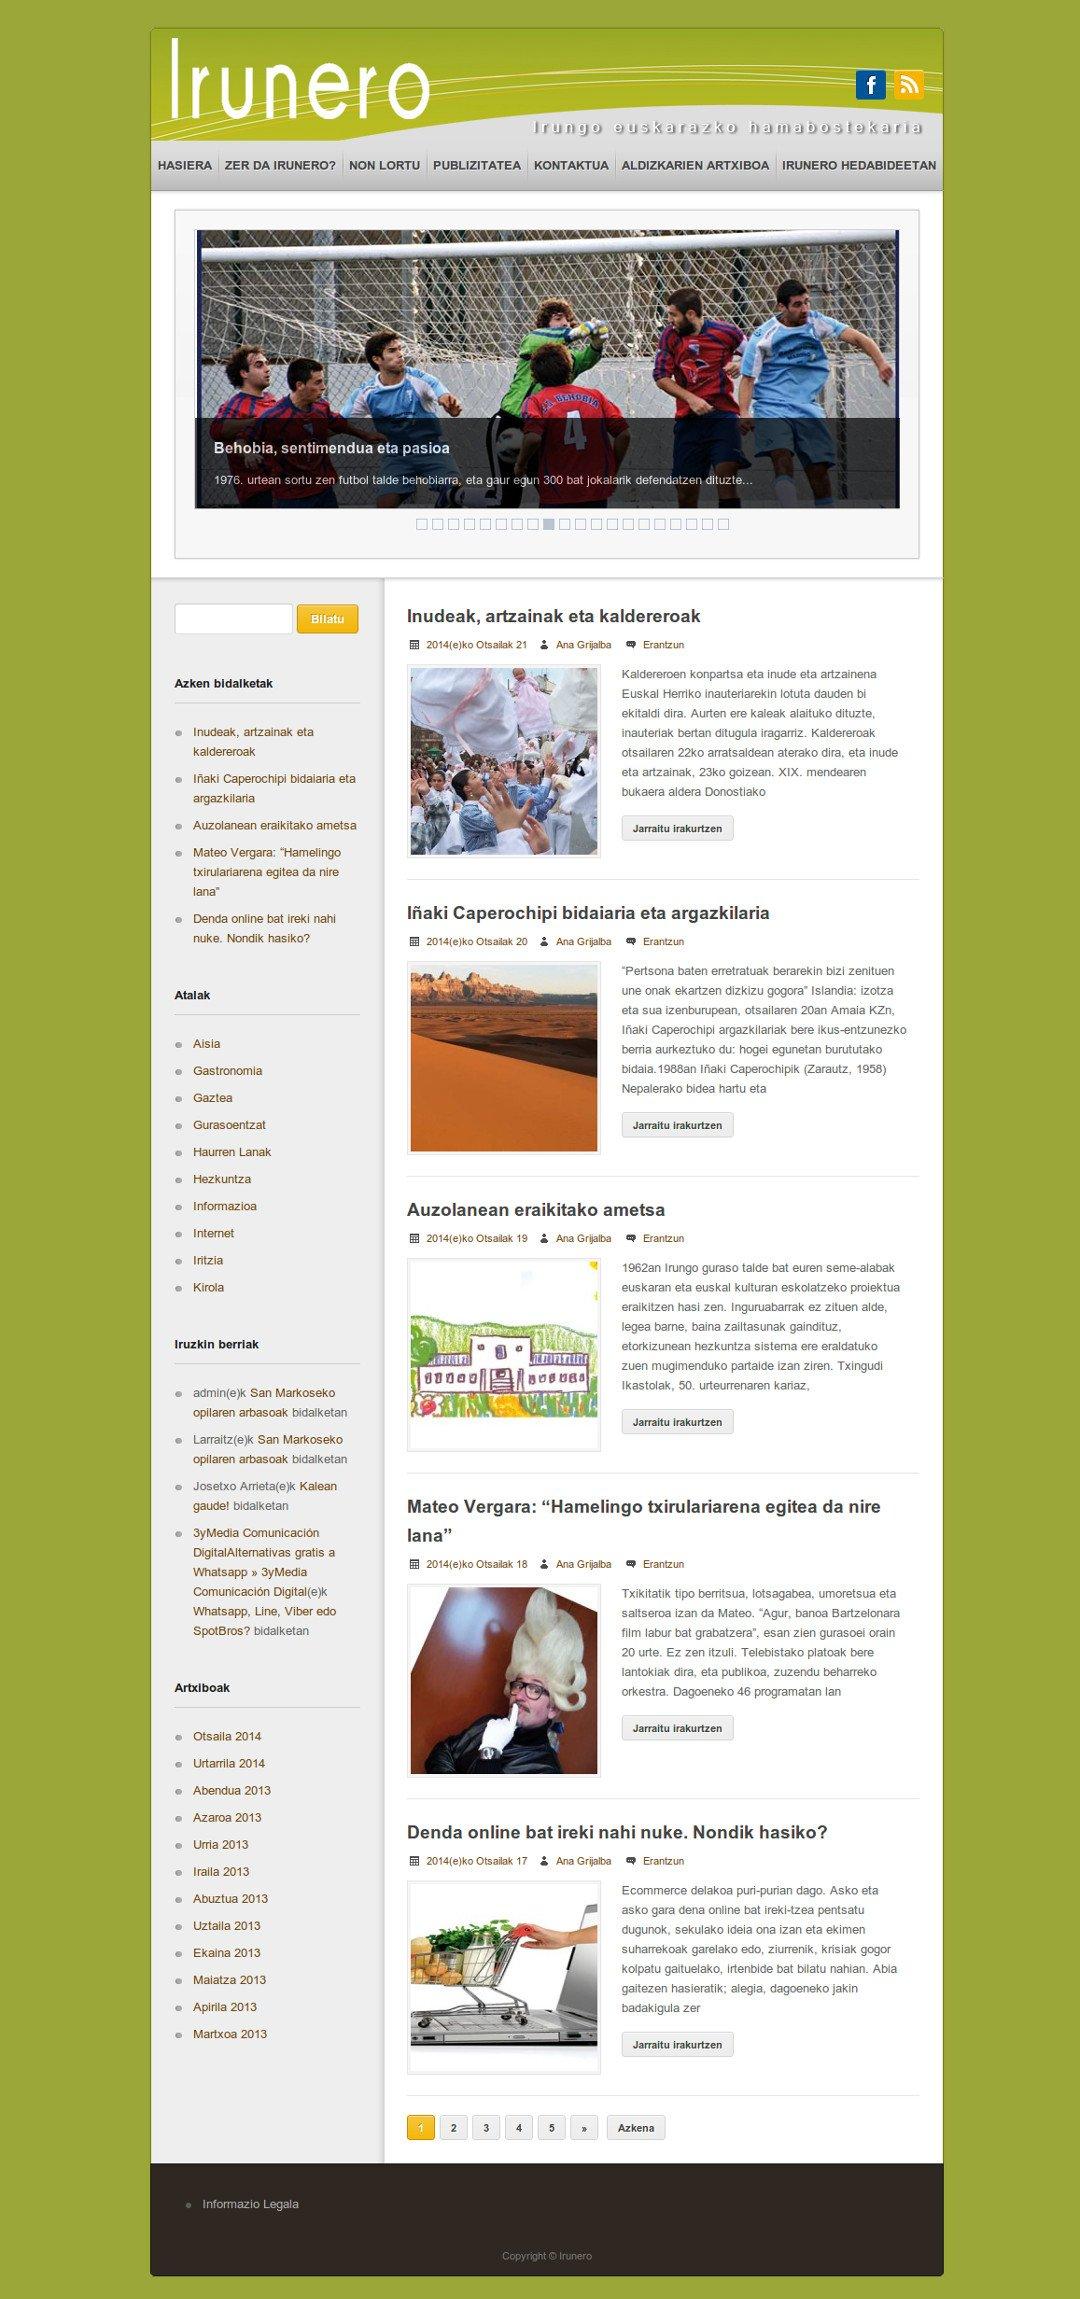 Web de Irunero